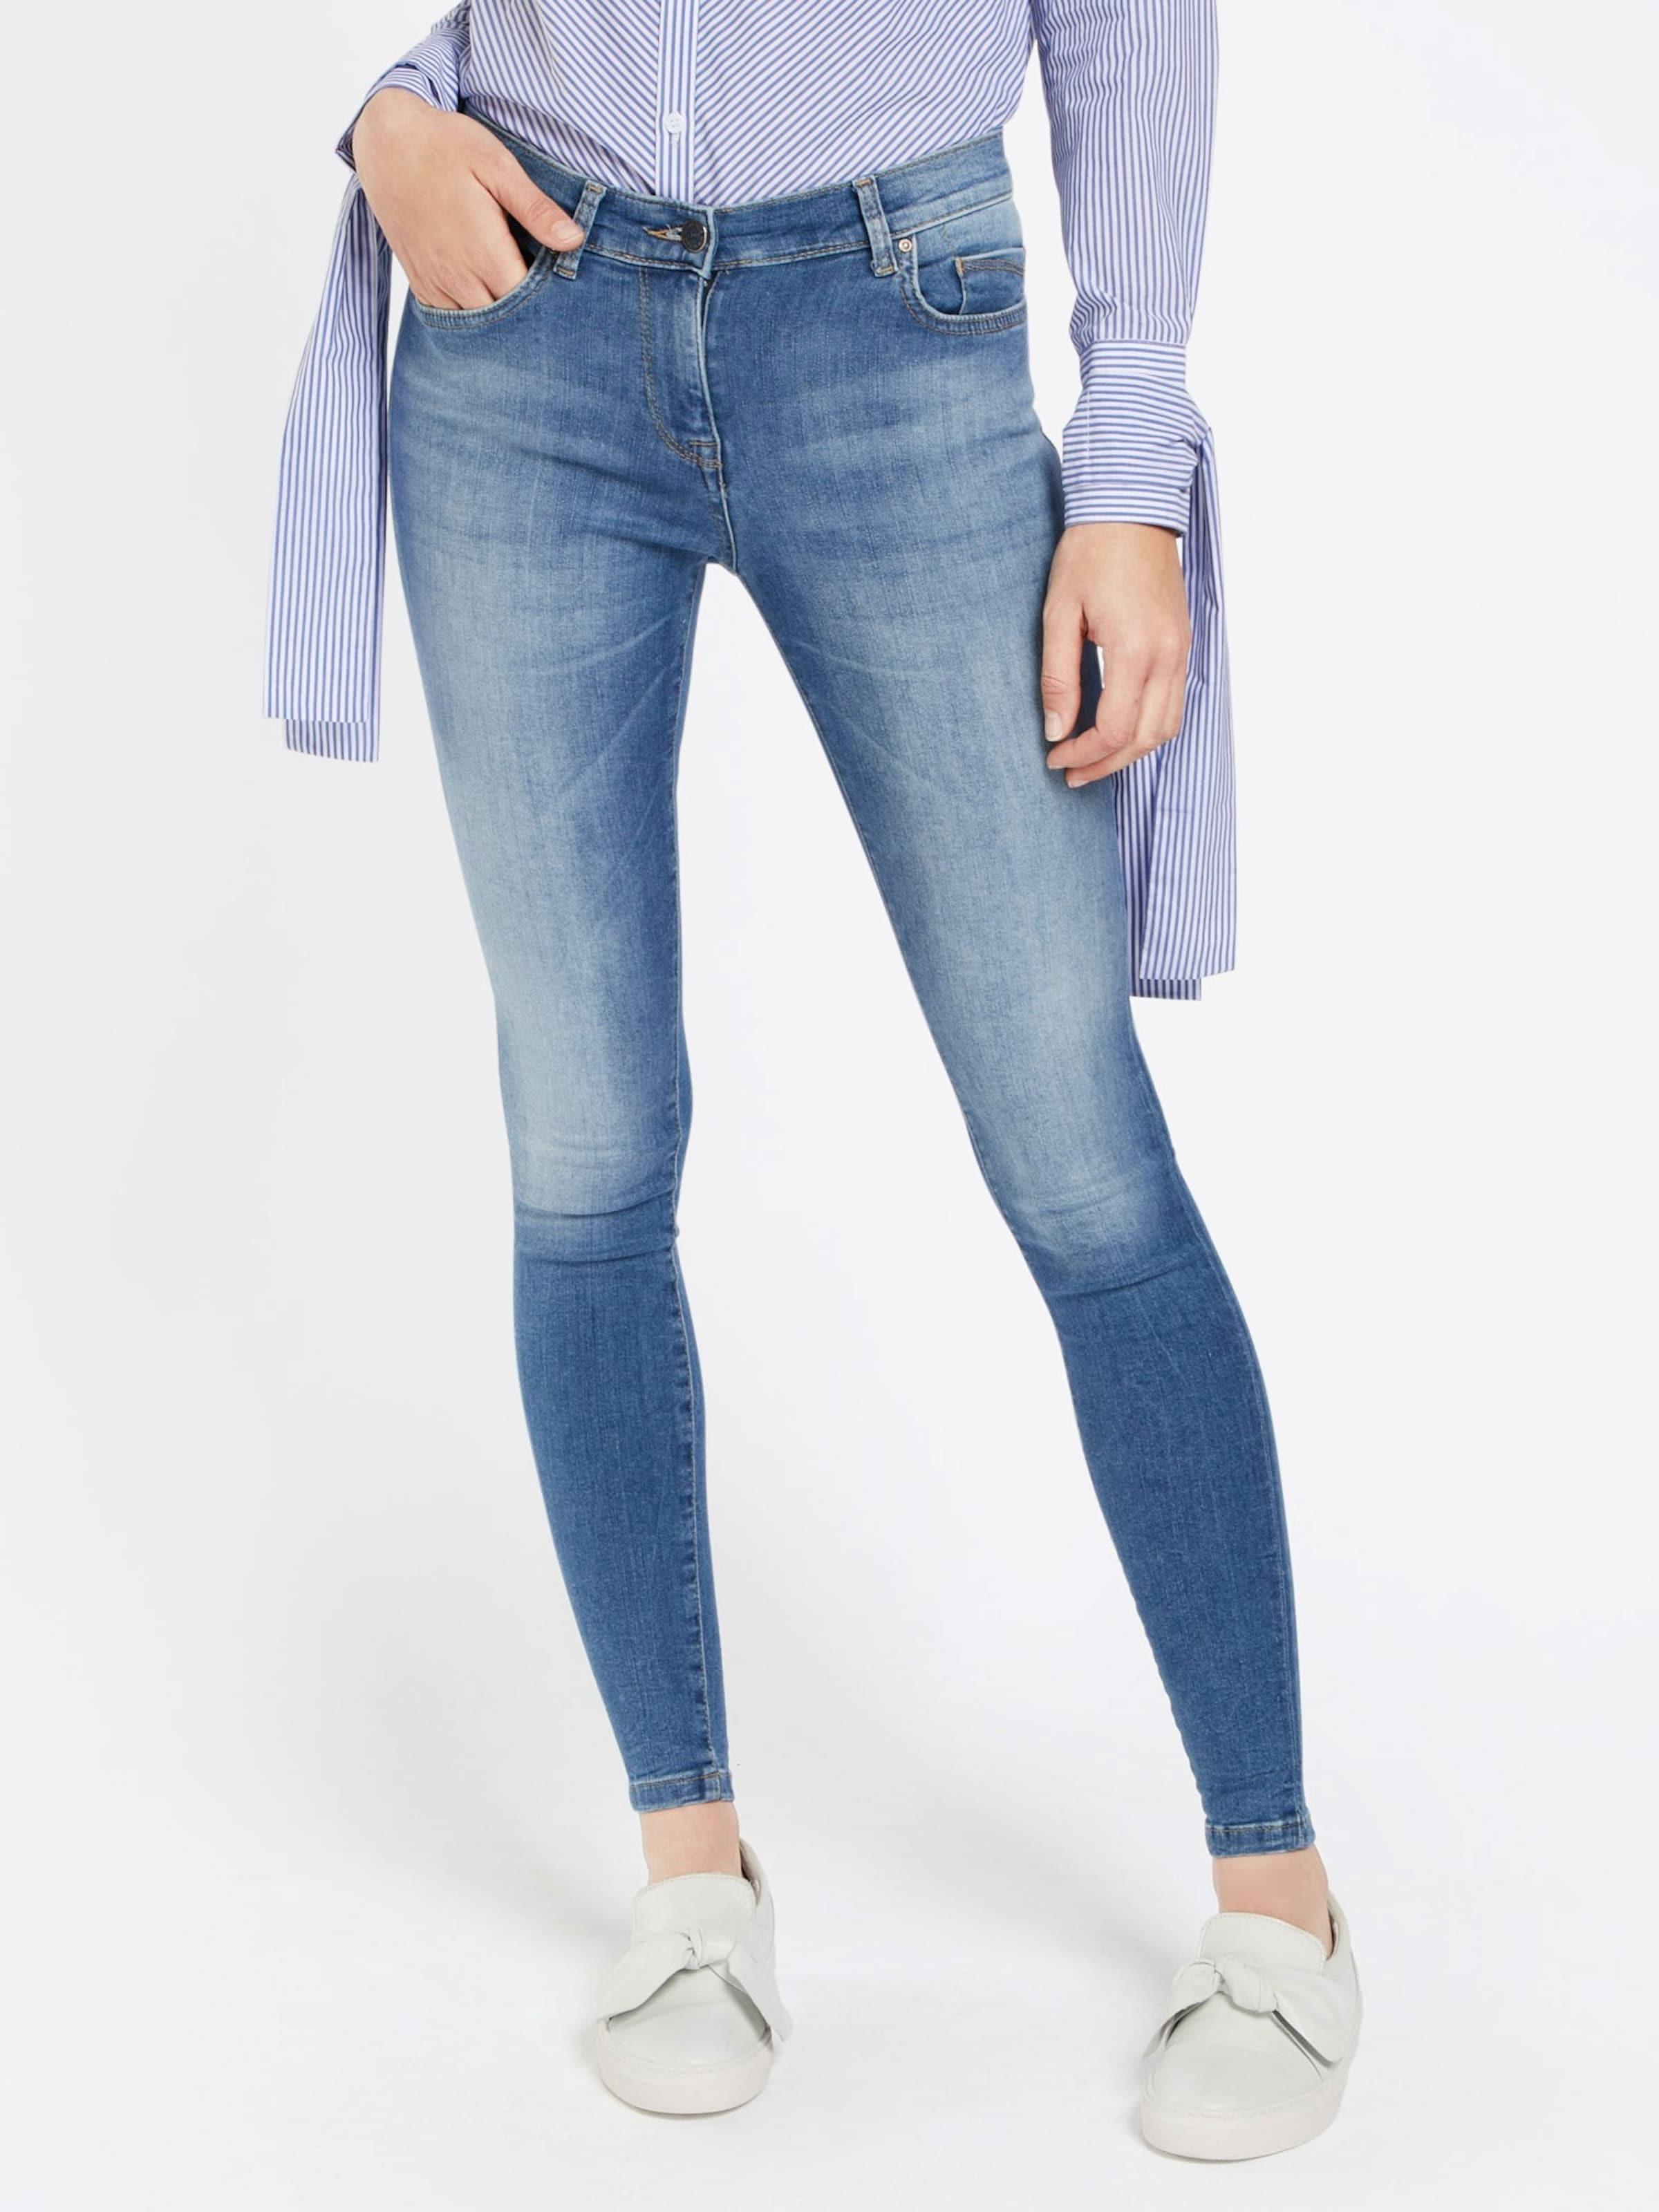 Shop-Angebot Verkauf Online Geniue Händler ONLY Jeans 'SHAPE REA088' Mrli01x